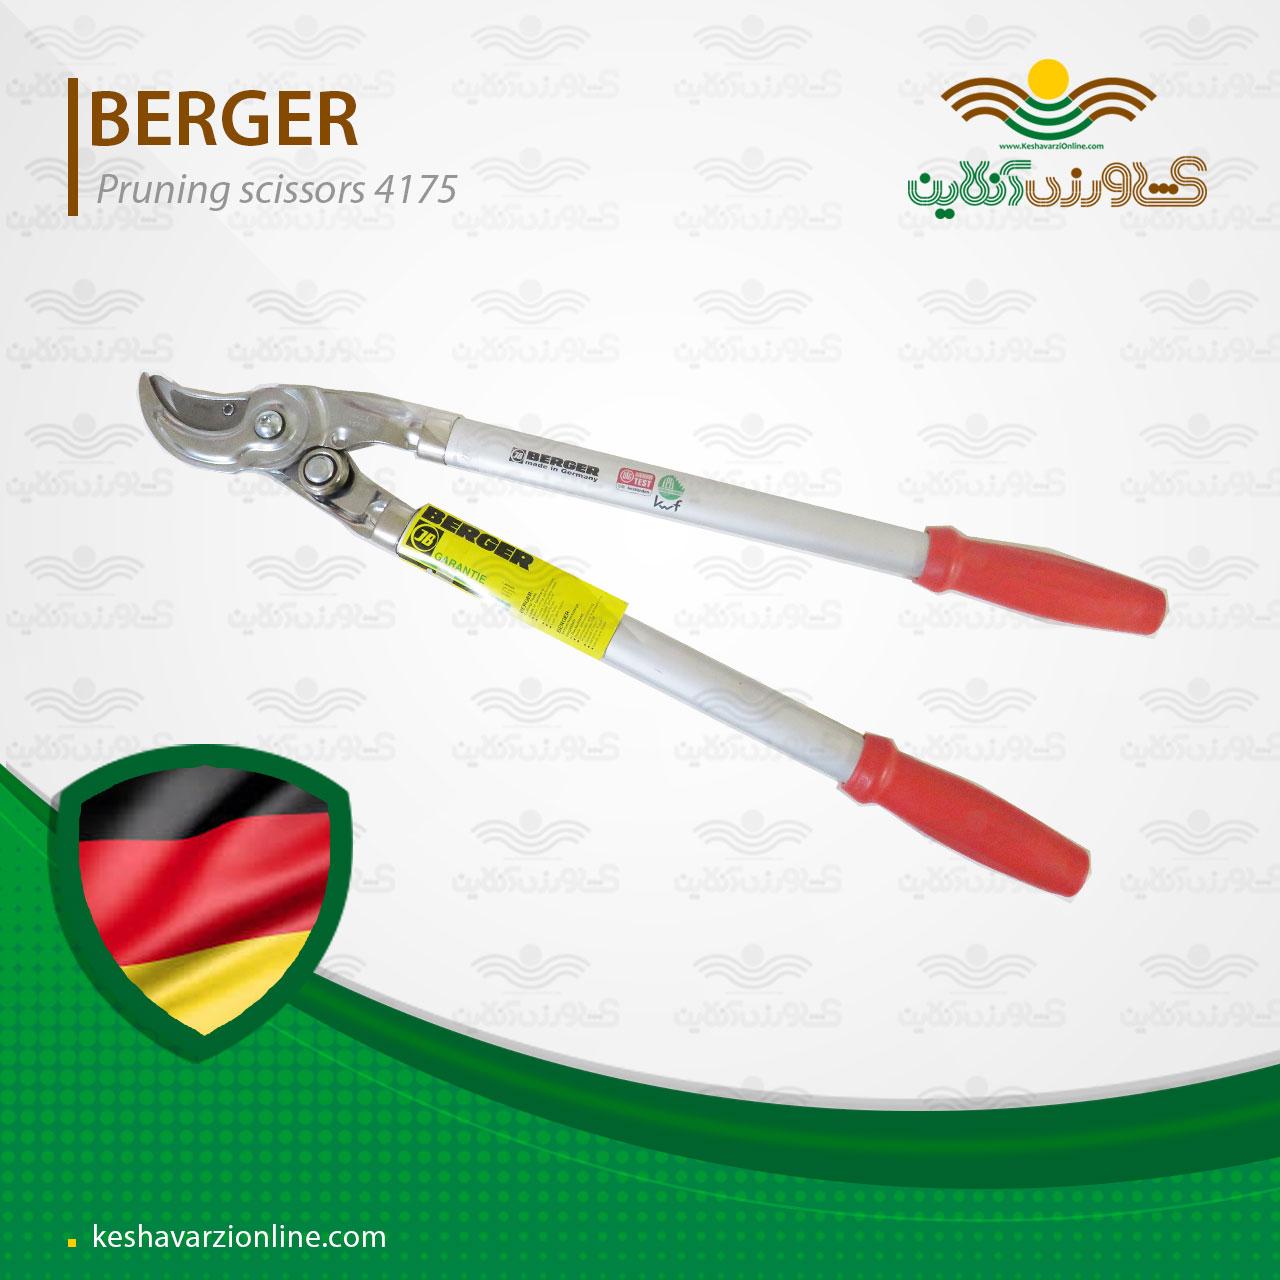 بهترین قیچی شاخه زن برگر آلمان 4175